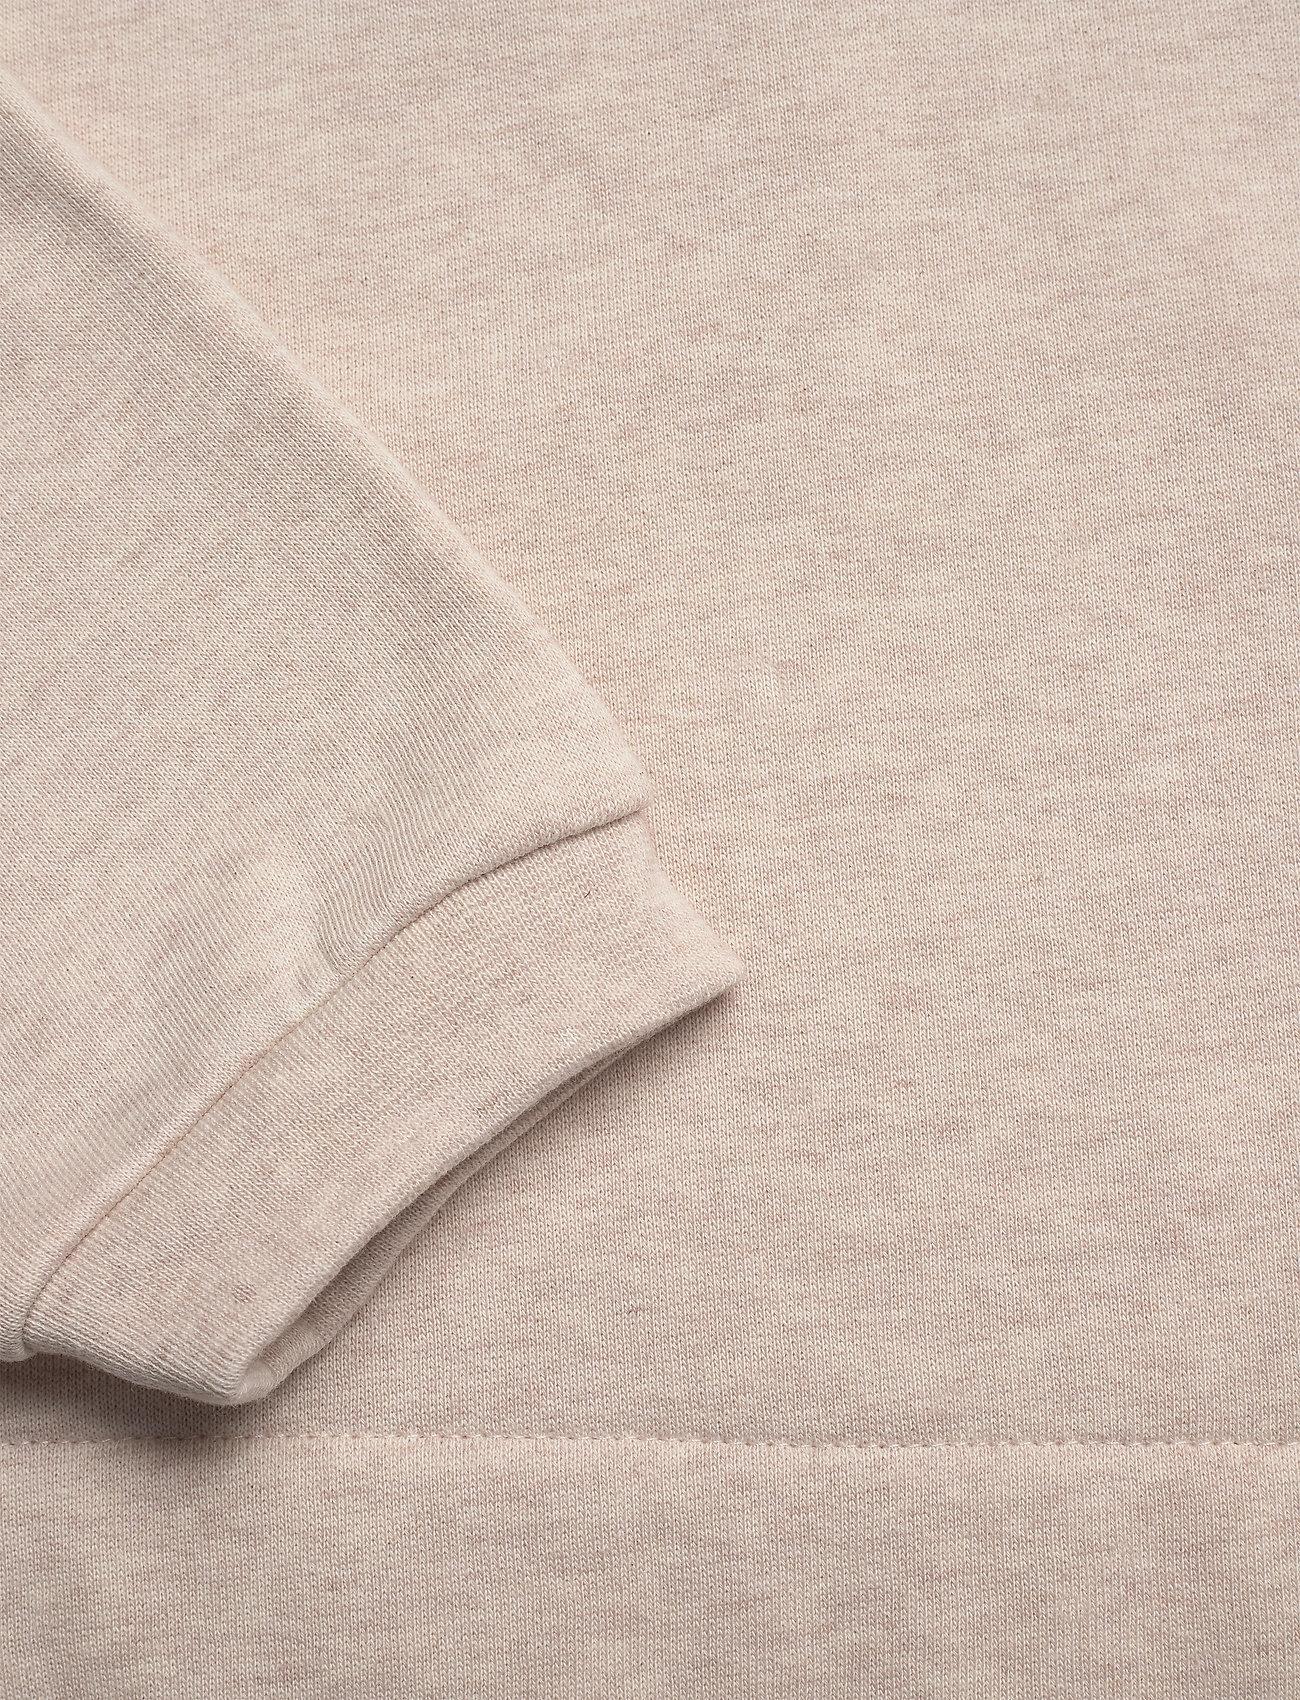 Mother of Pearl - DANI CROPPED JUMPER WITH PEARL SHOULDER - sweatshirts en hoodies - oatmeal - 4